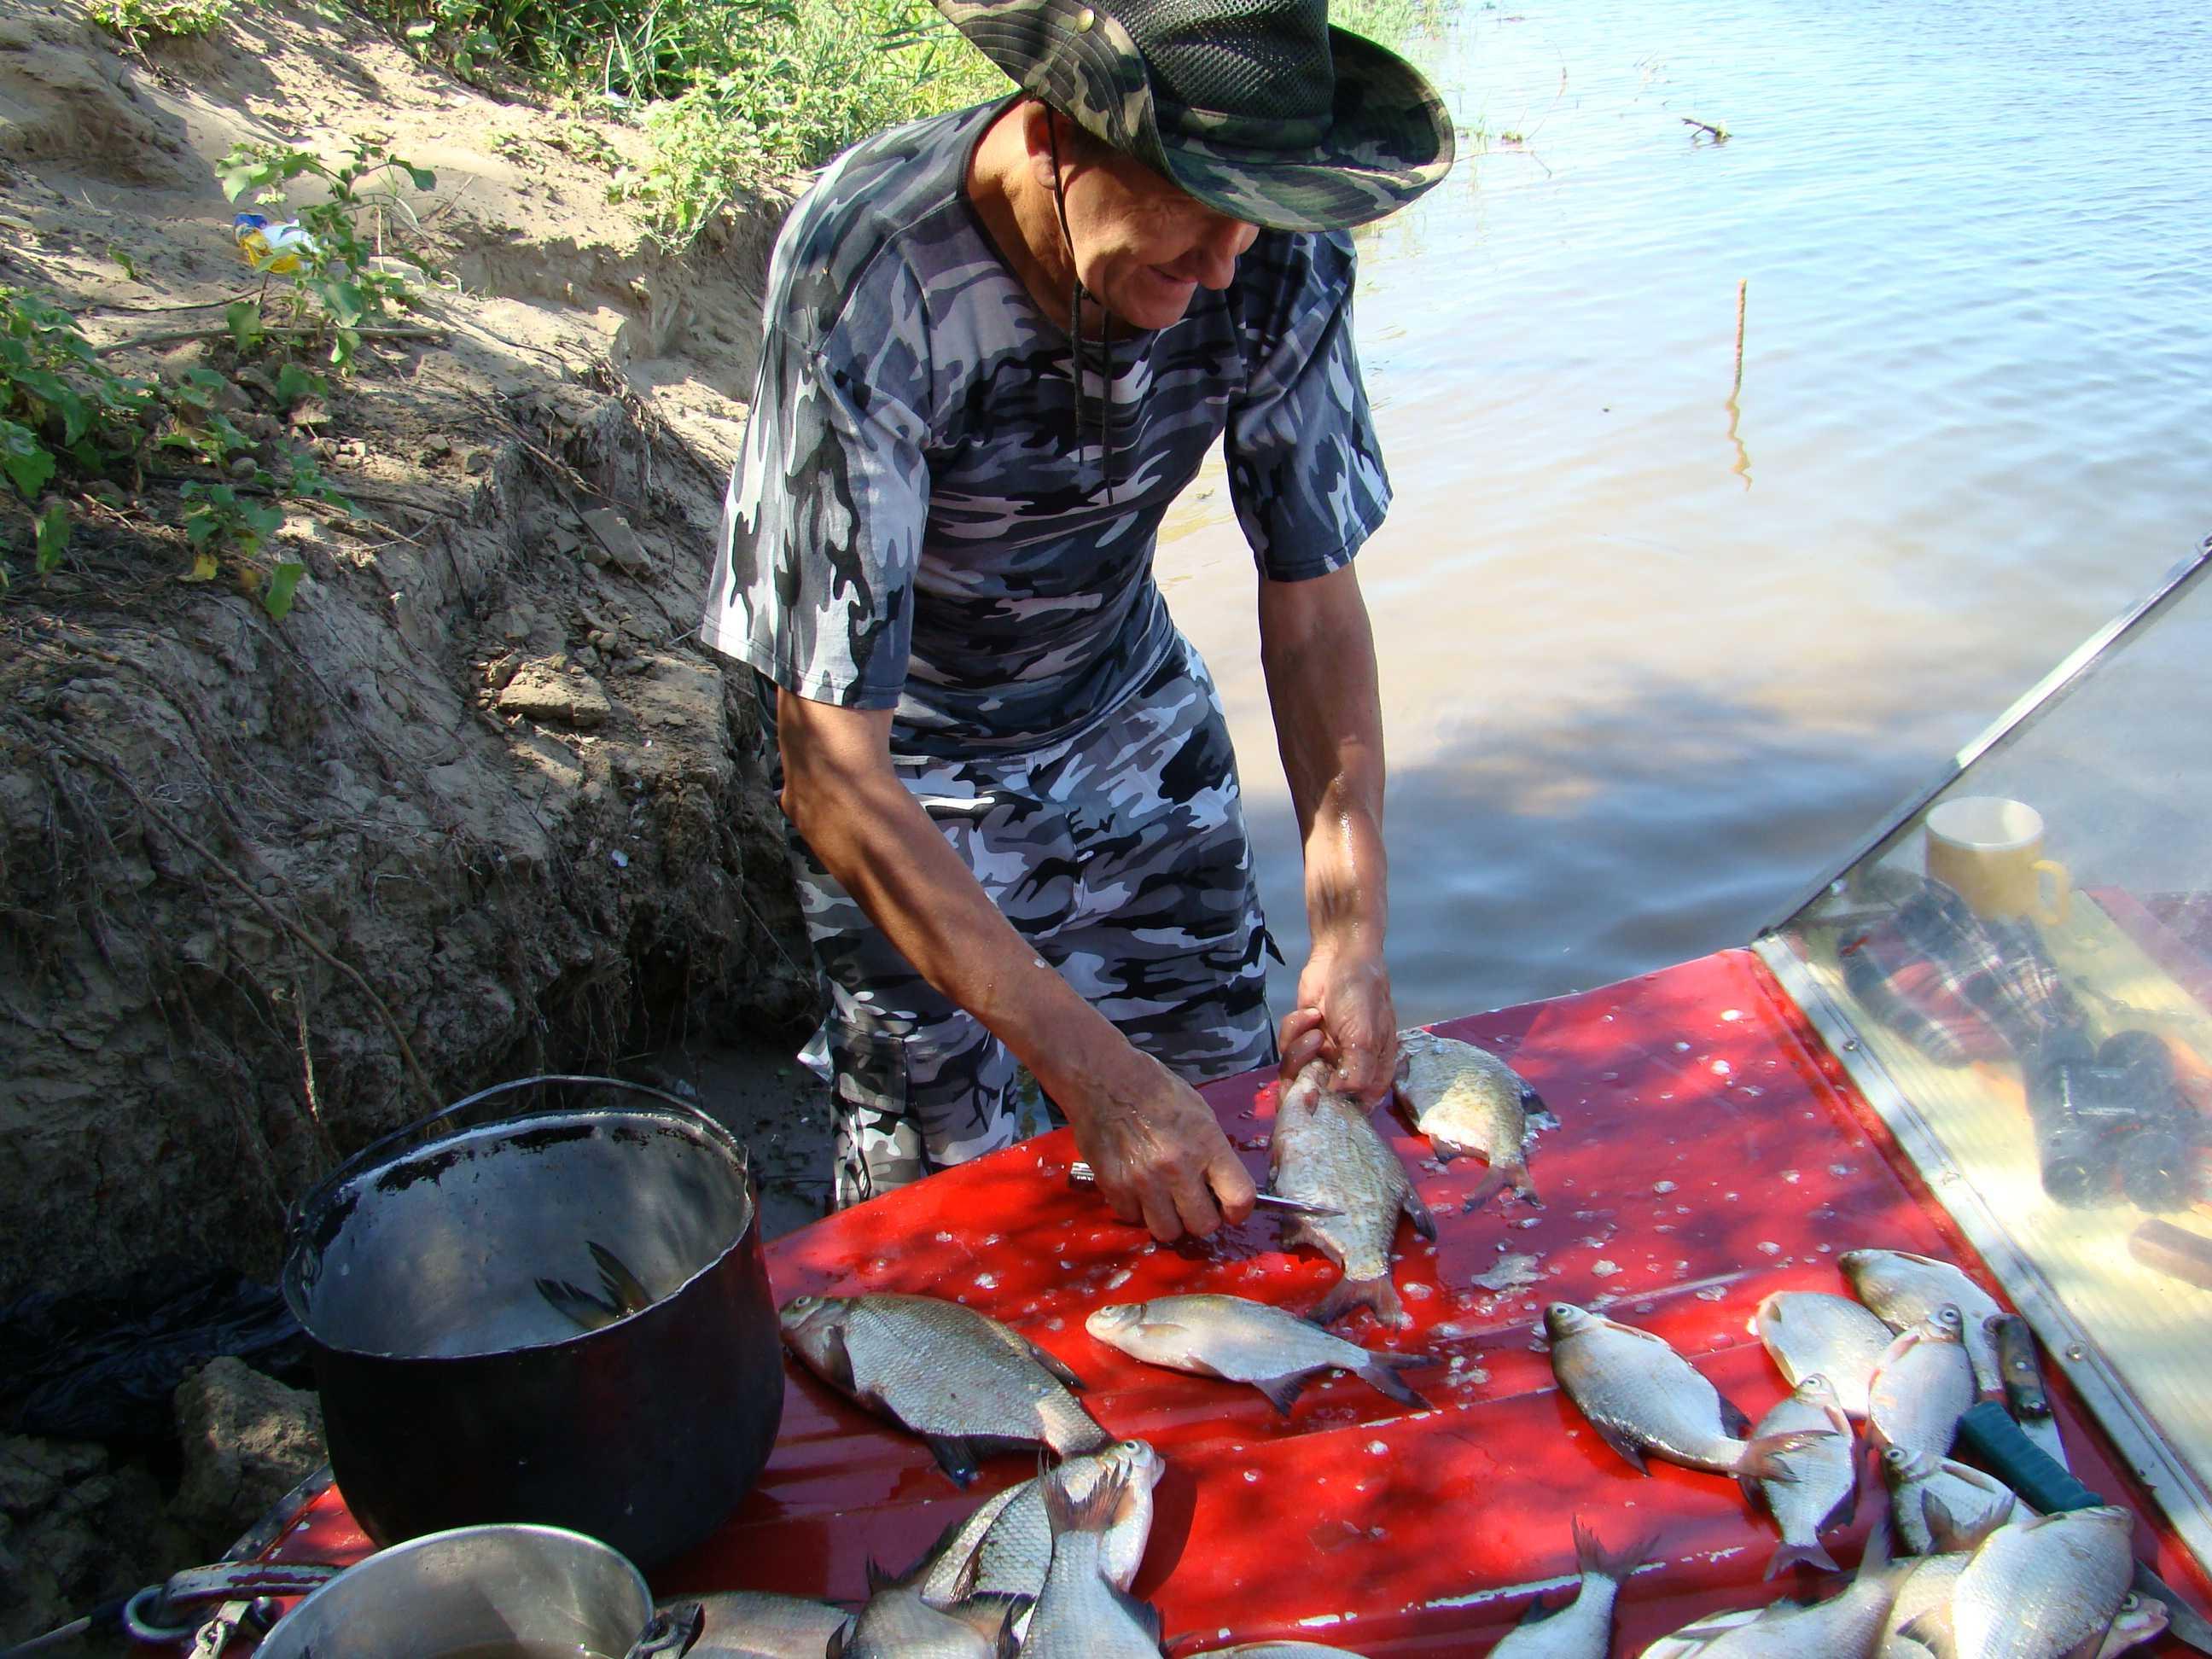 С праздником Вас, ахтубинские рыбаки!                                       Зарисовка: Рыбацкое счастье